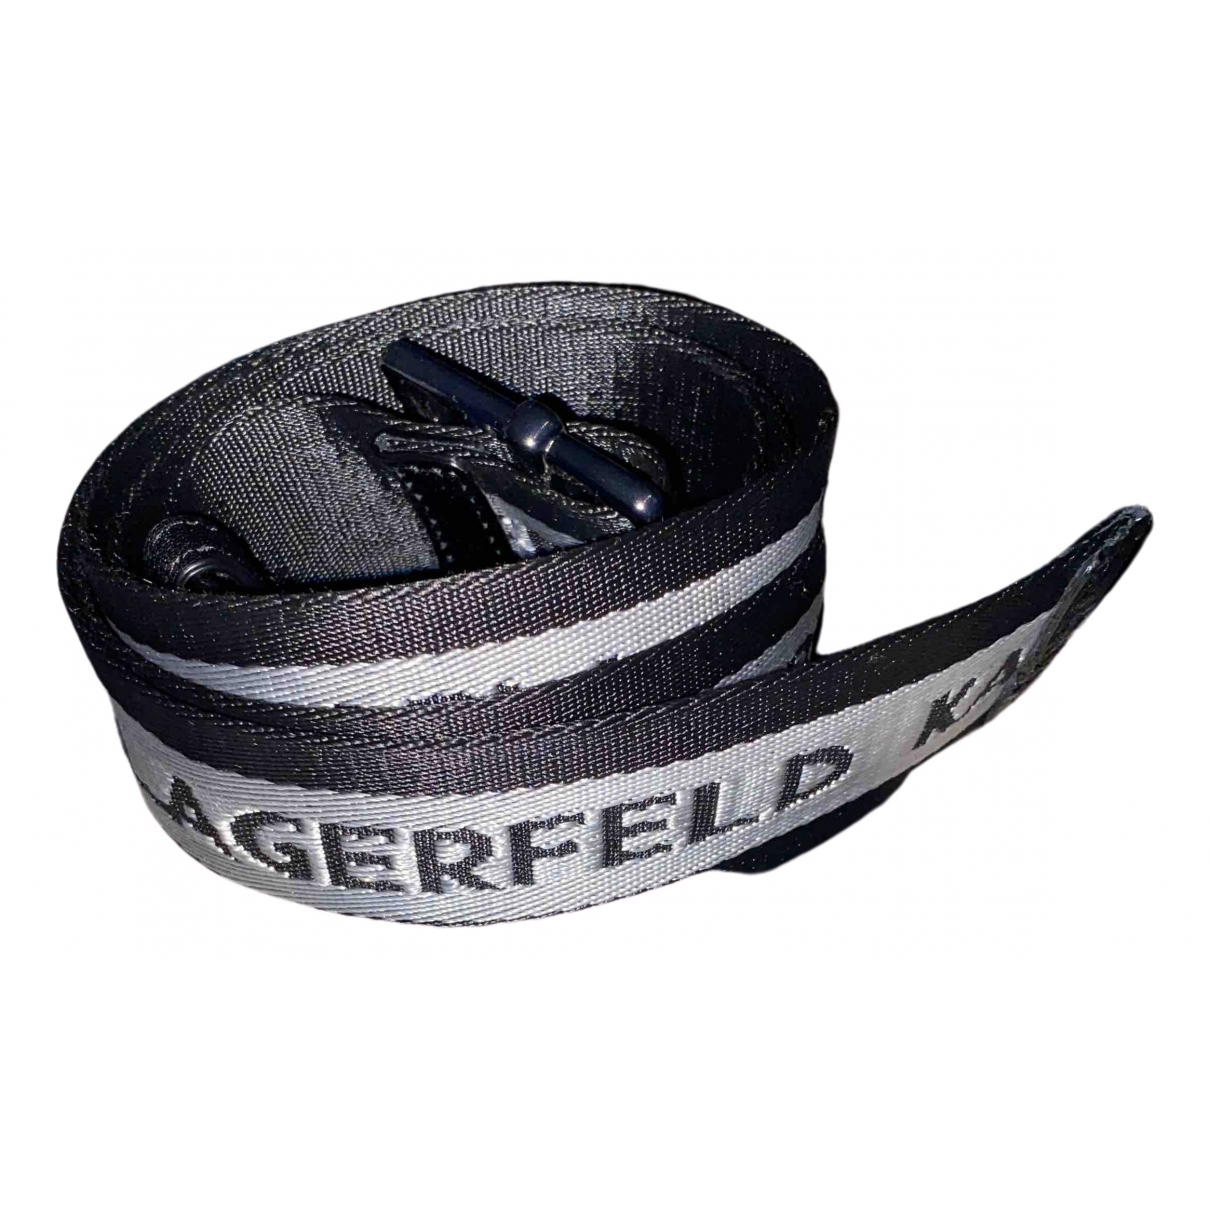 Karl Lagerfeld \N Black belt for Women 75 cm